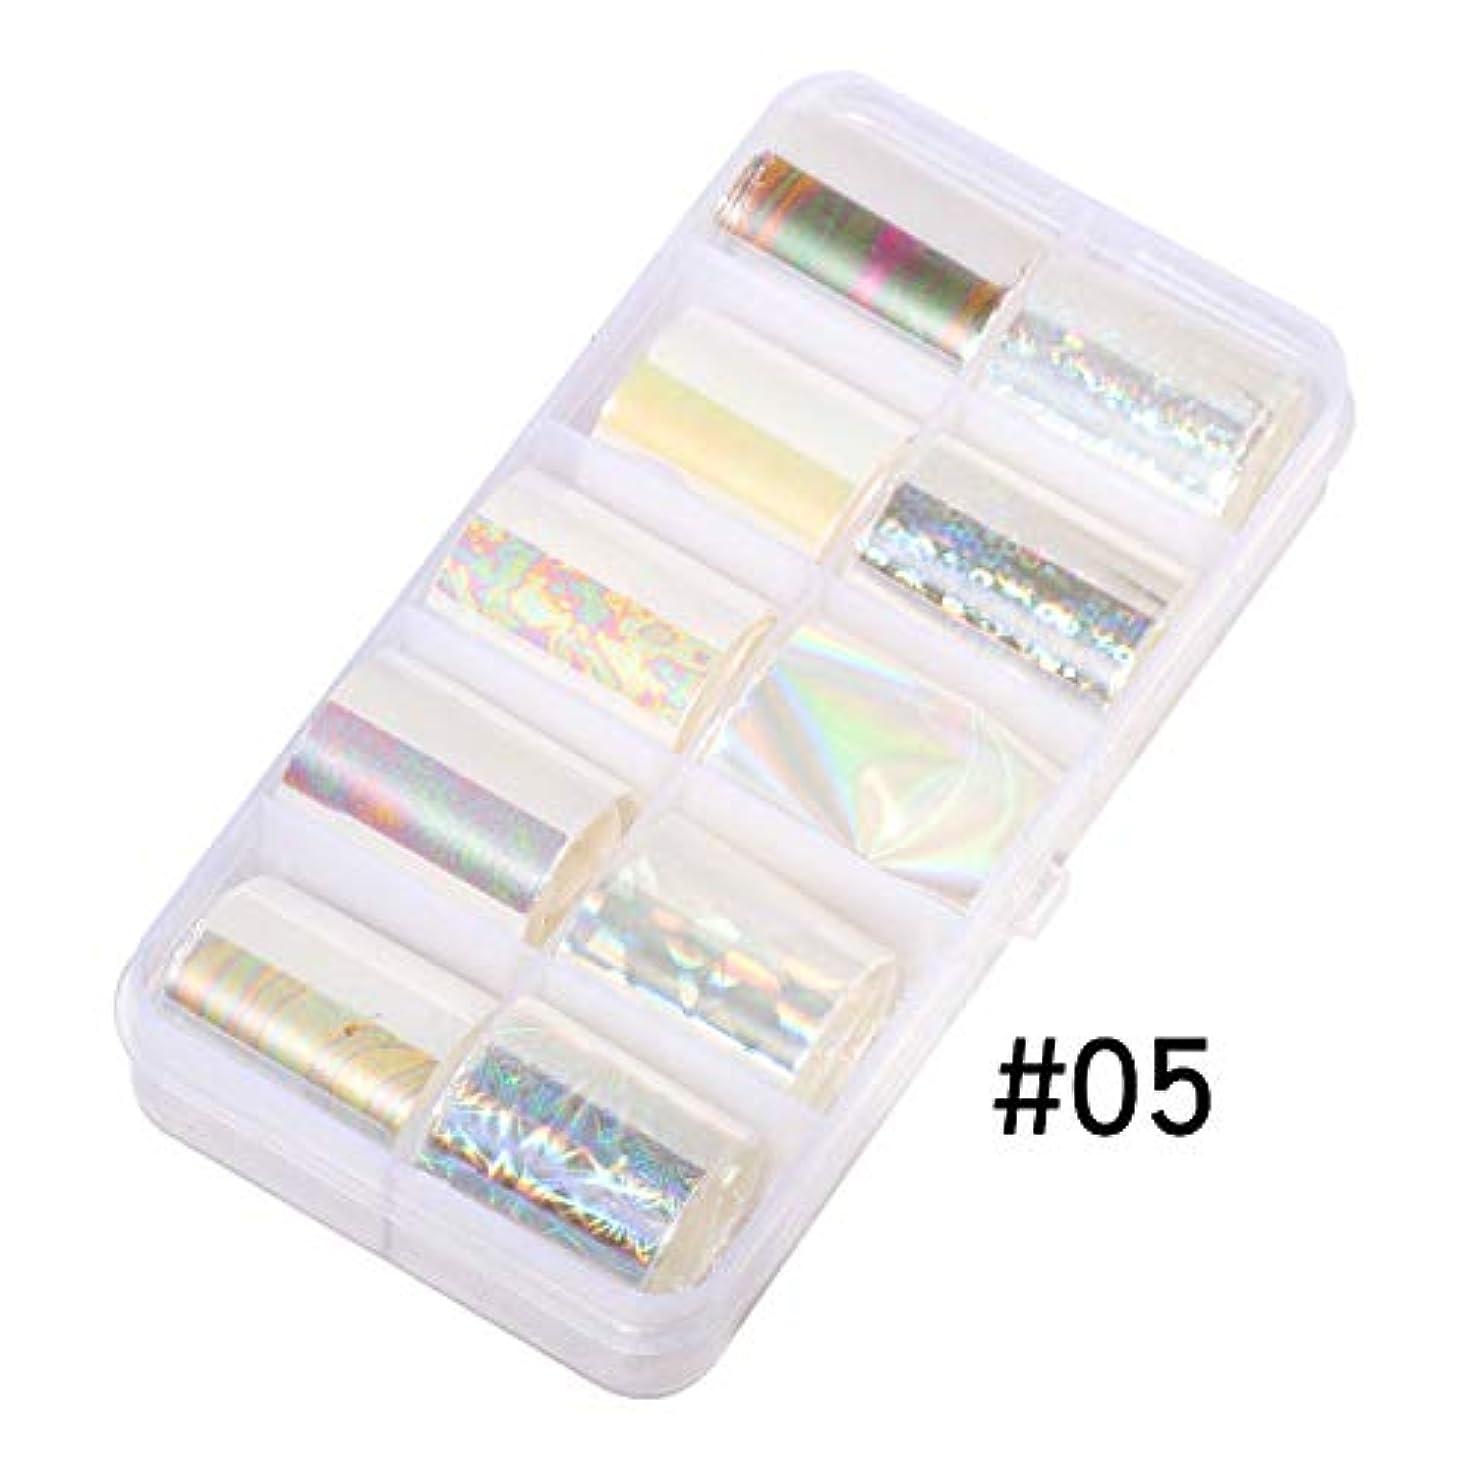 普遍的なツインプリーツOSOGODE(オソグド) ネイルホイルシール ネイルステッカー 貝殻シール 貝殻柄ネイルホイル箔 10色セット セロファン DIYネイルチップデコレーション (W5)